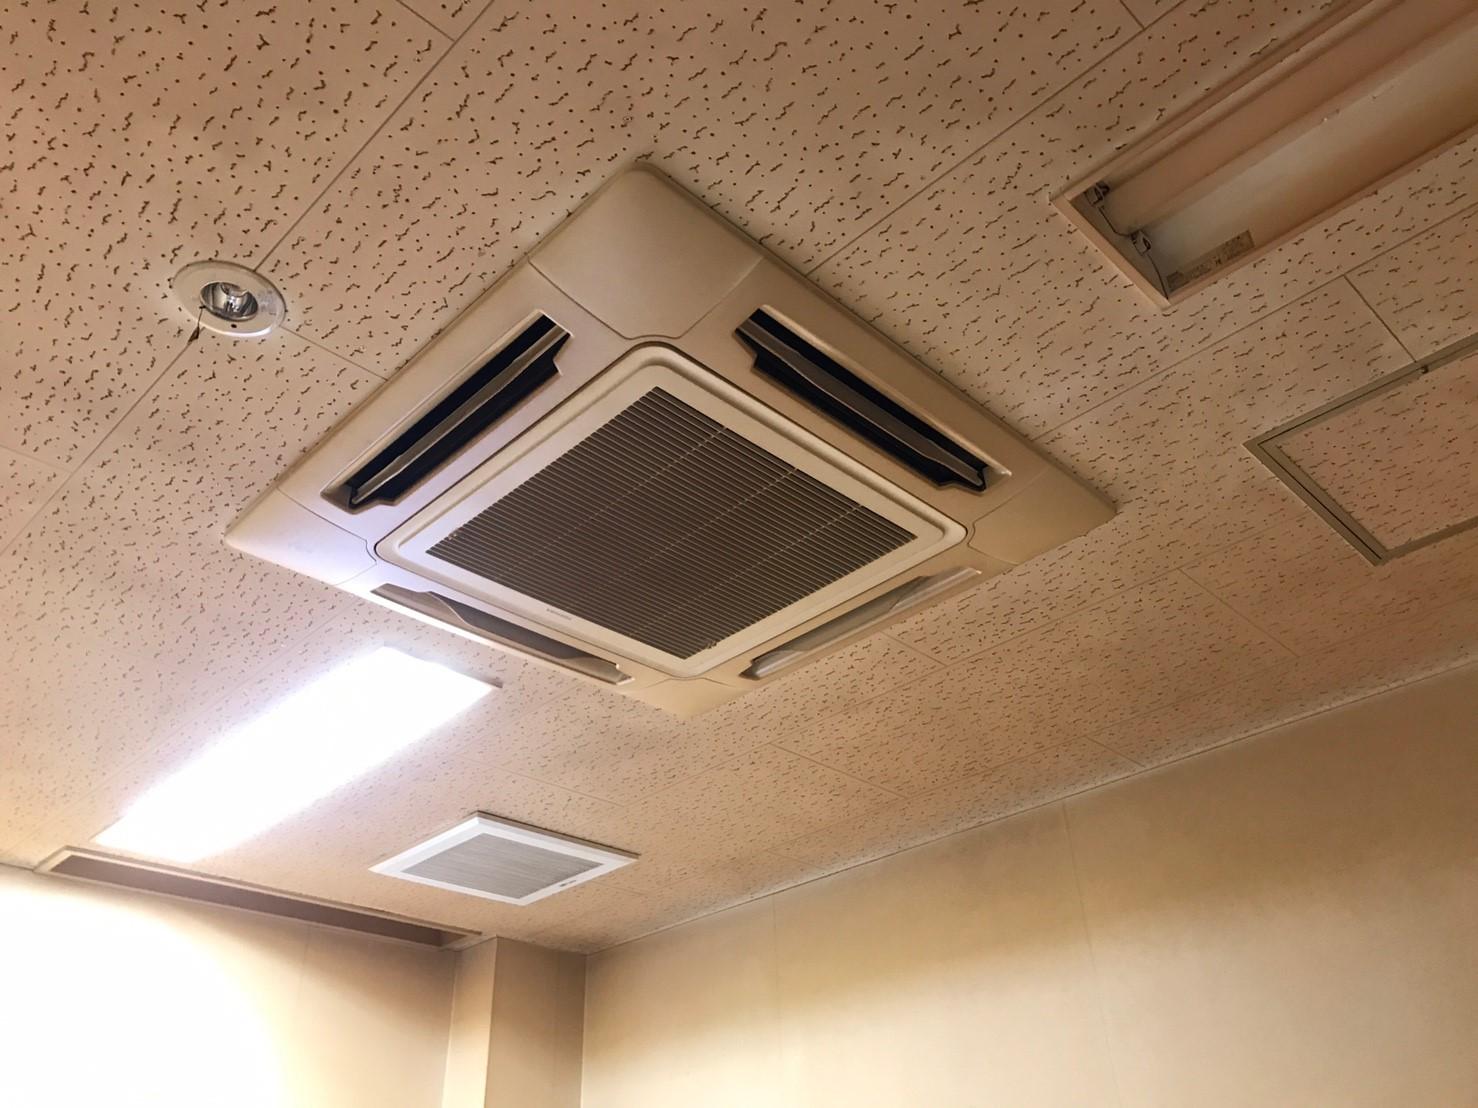 東芝製エアコンクリーニング大阪府箕面市現場写真。エアコン外観2